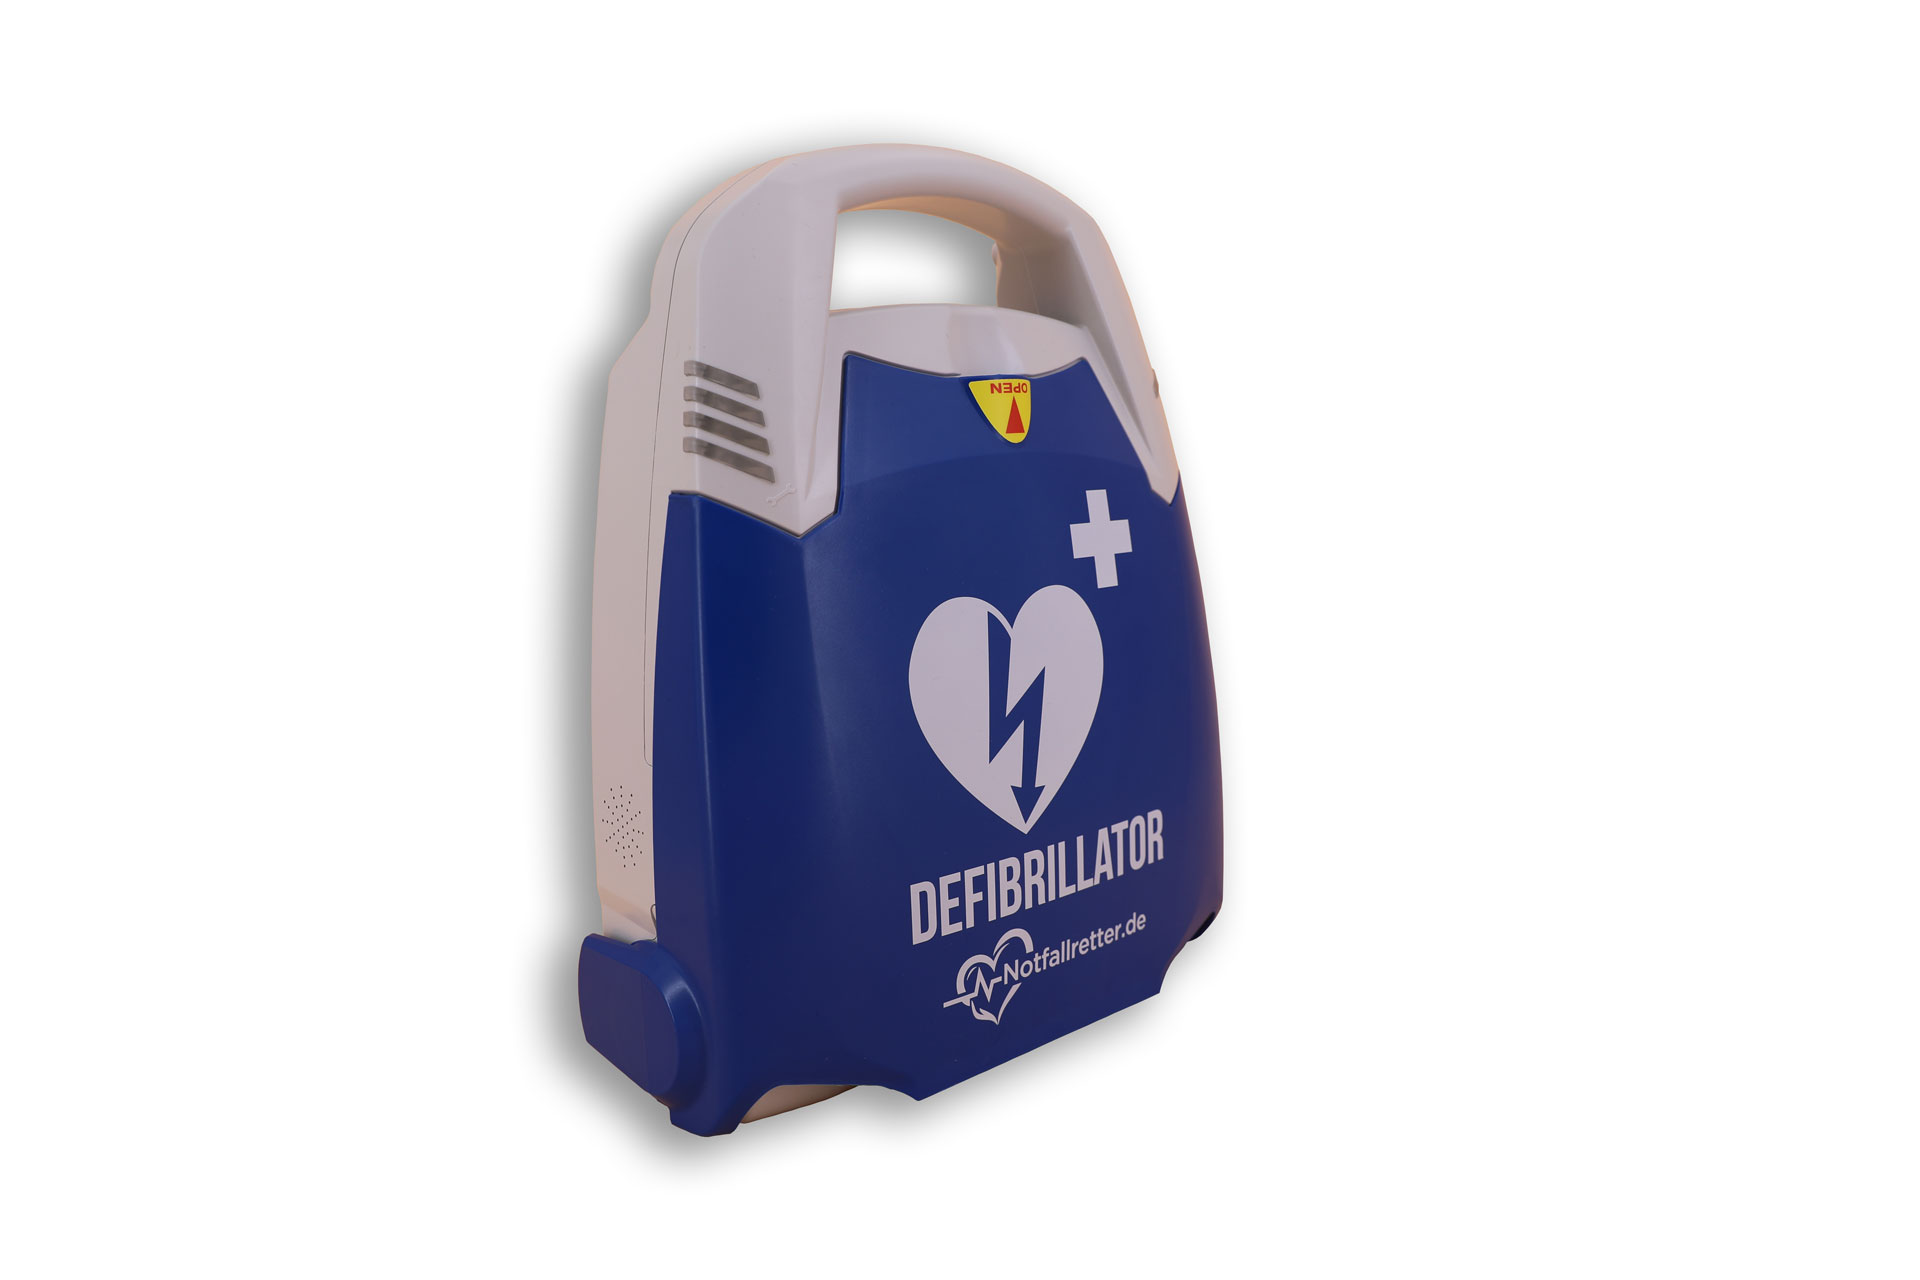 Notfallretter.de® Basic AED - linke Seite